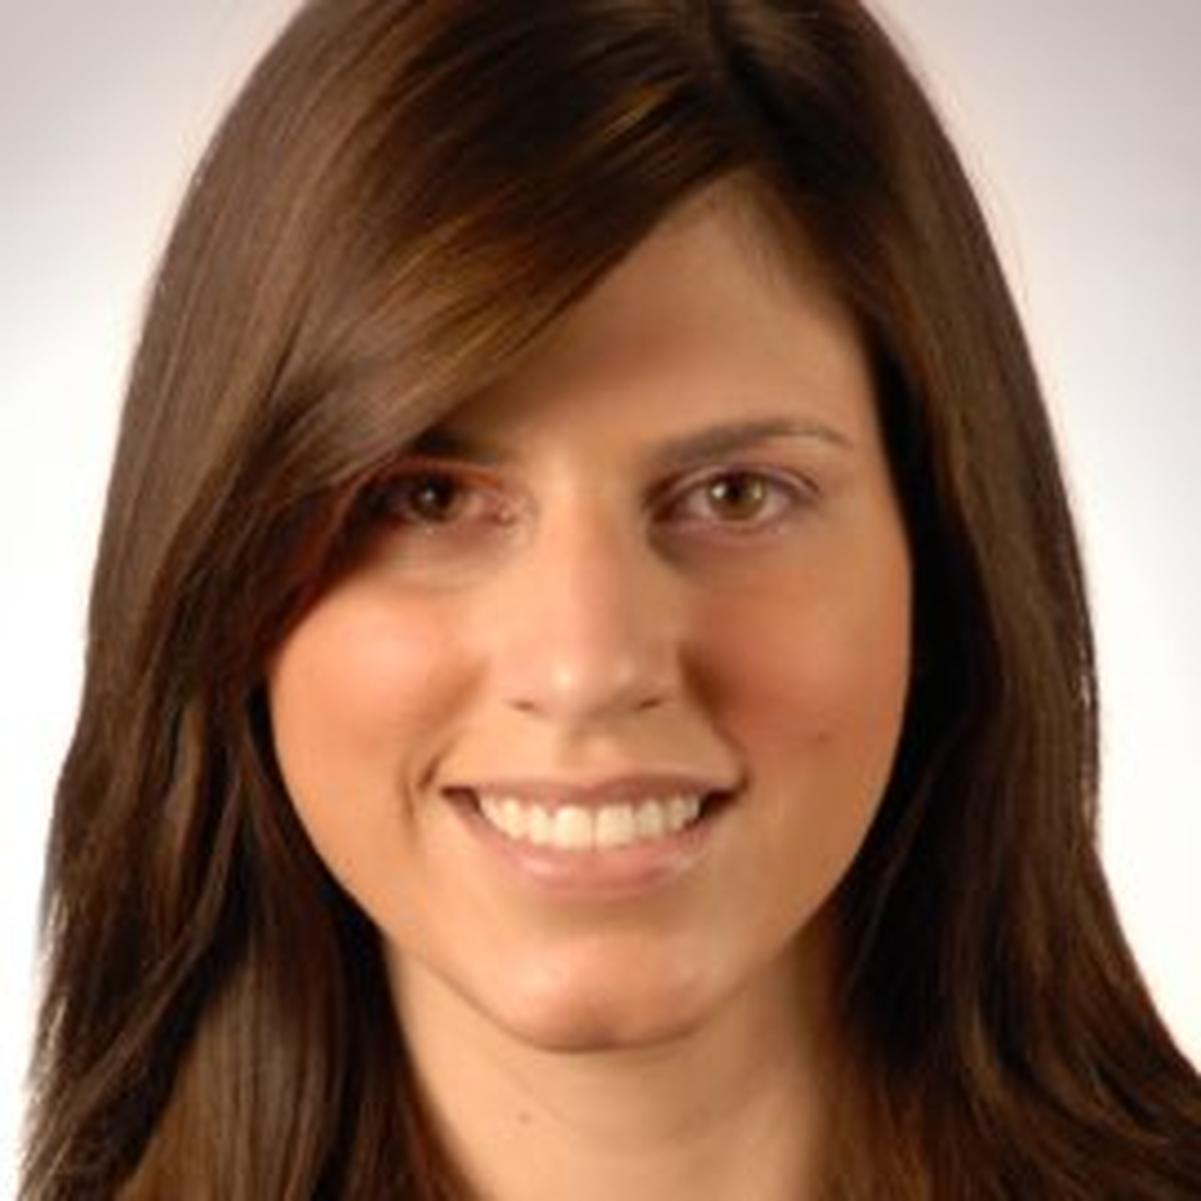 Stephanie Melish